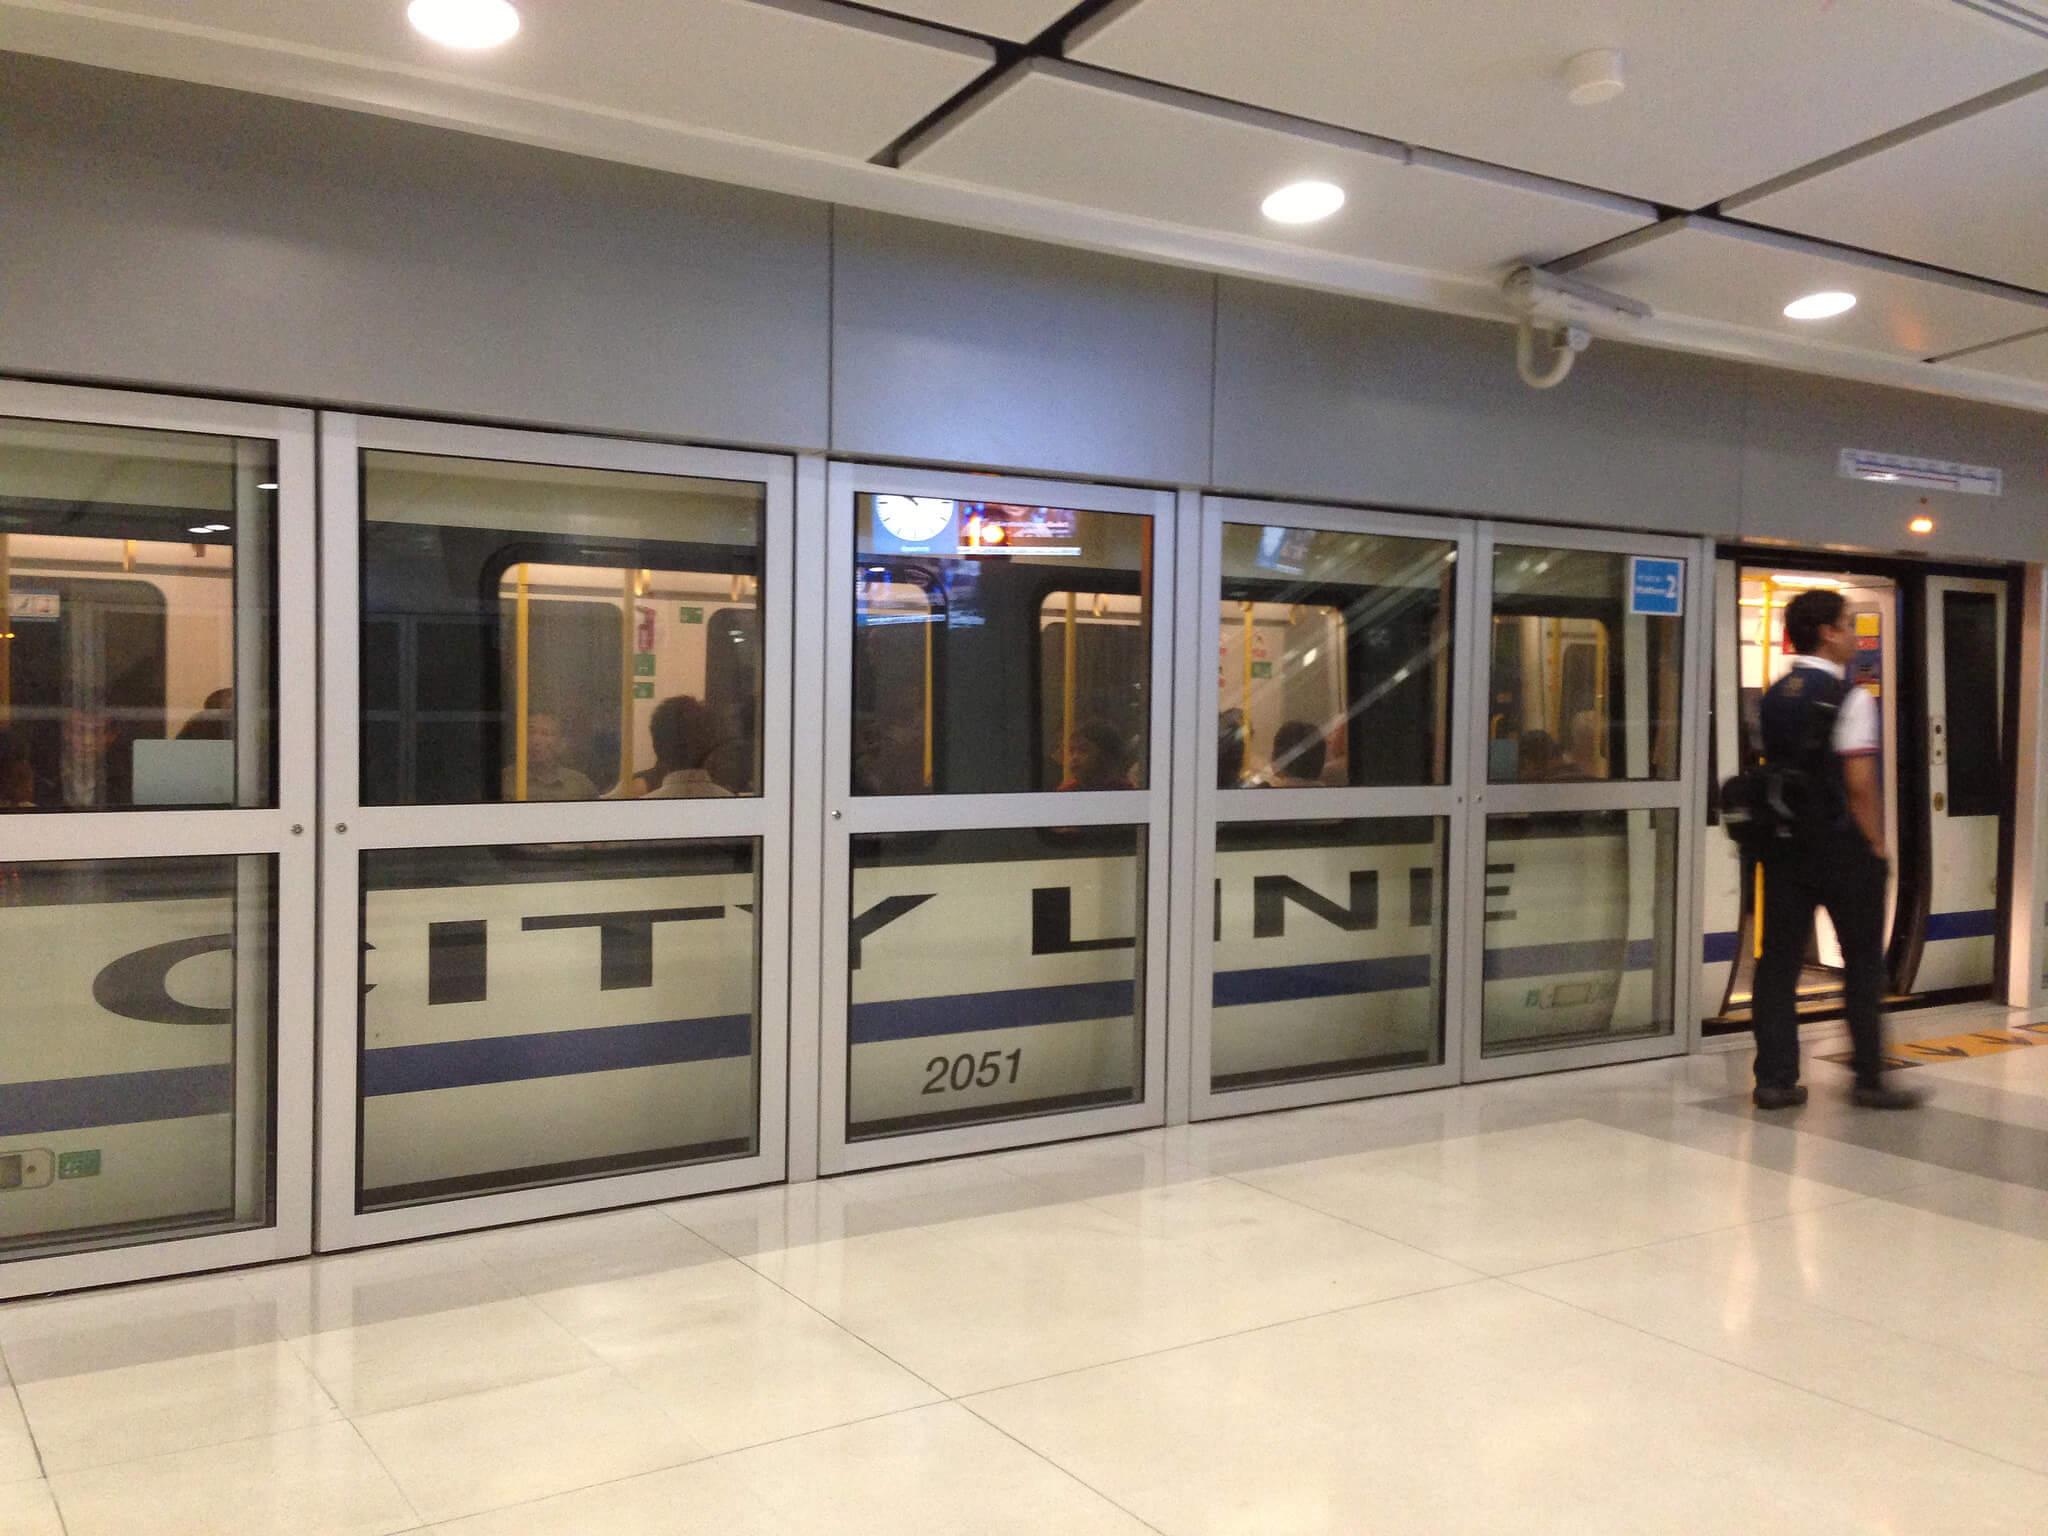 タイの空港を結ぶエアポートリンク 8分に1本で走行へ